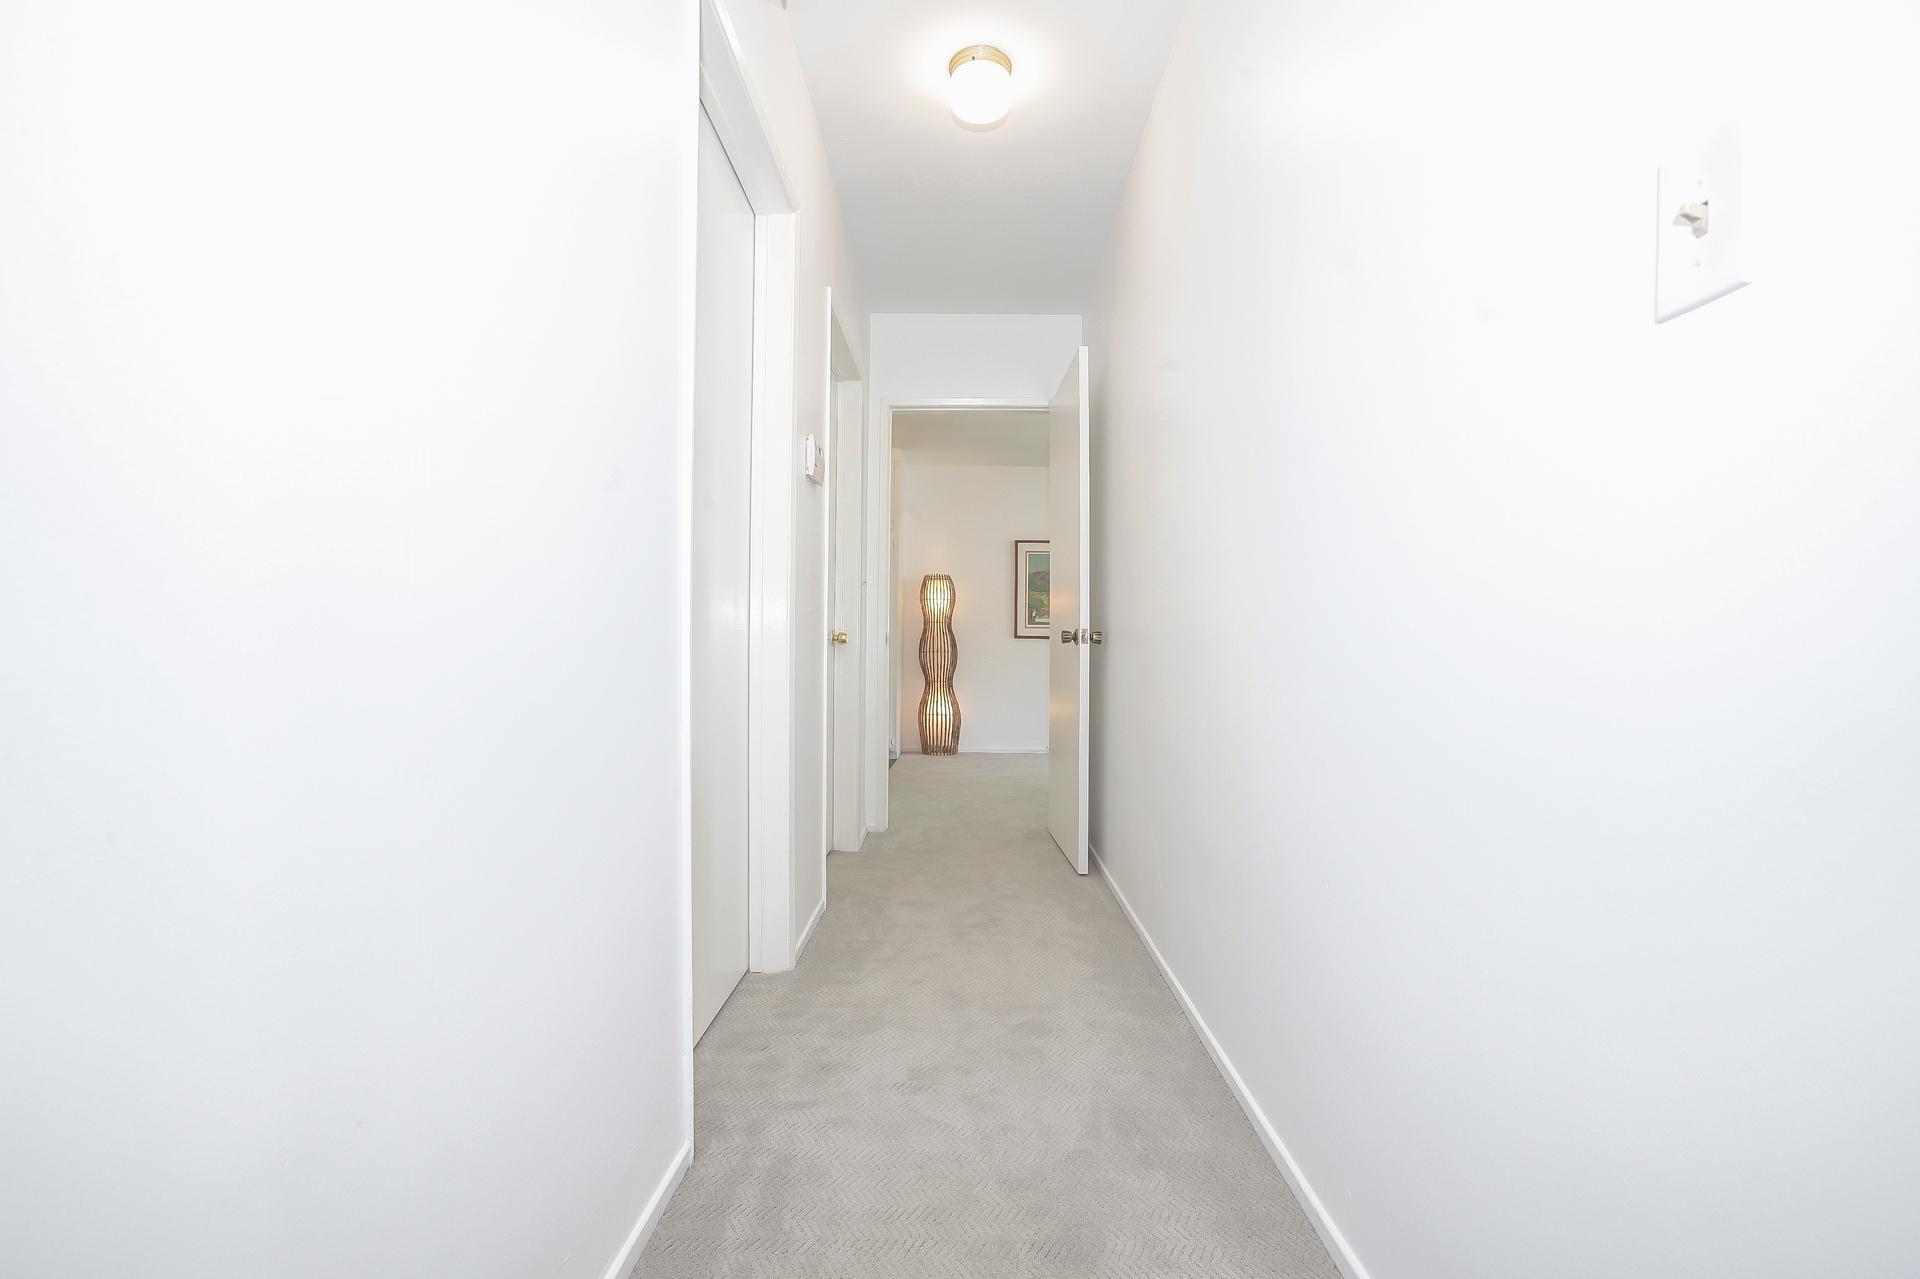 042-Hallway_back_to_kitchen-4443080-medium.jpg